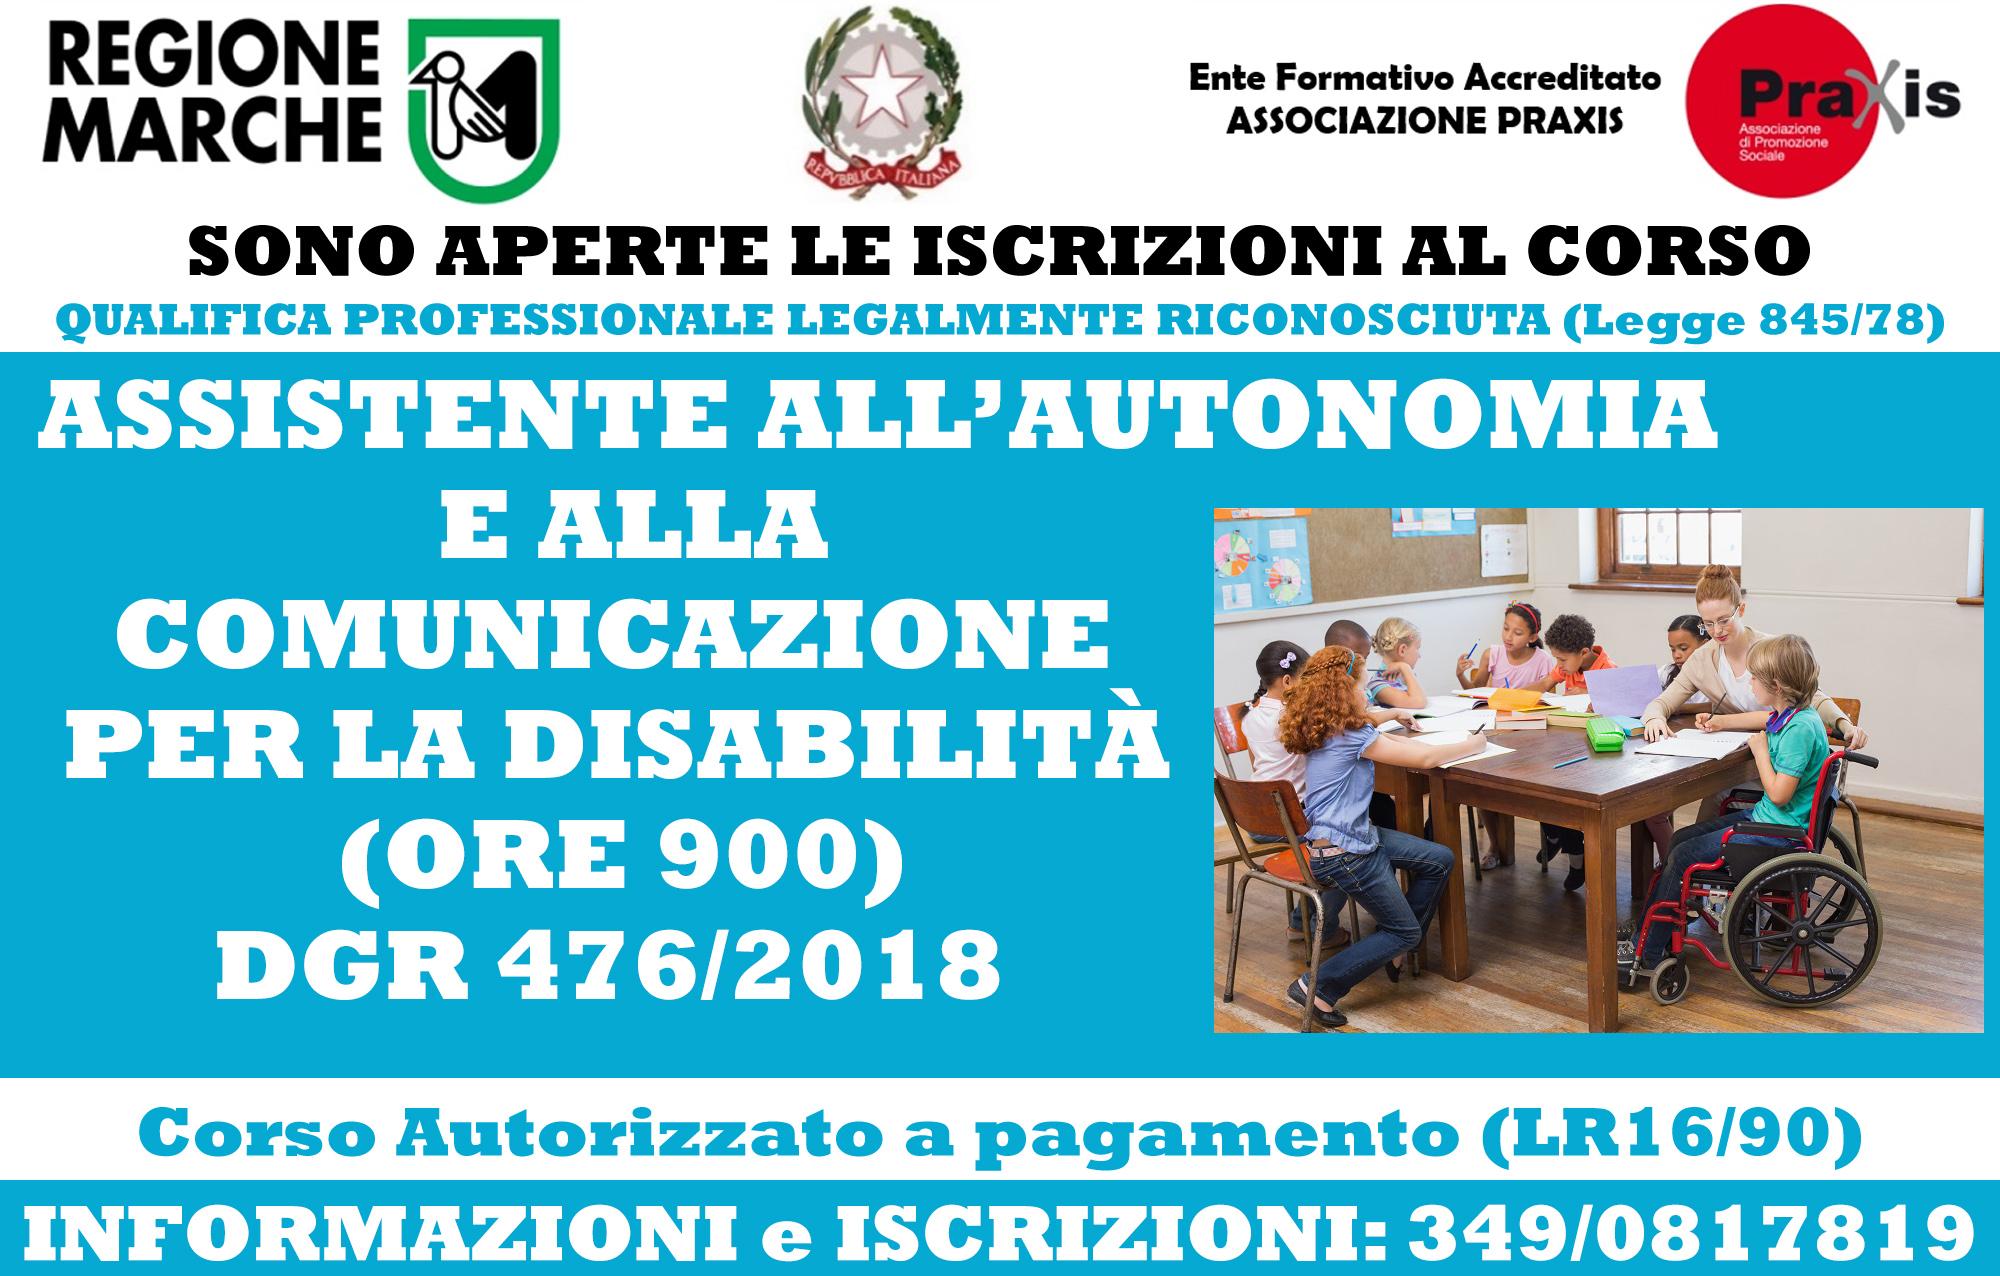 CORSI ASSISTENTE ALL'AUTONOMIA E COMUNICAZIONE PER LA DISABILITÀ (LEGALMENTE RICONOSCIUTO DI QUALIFICA PROFESSIONALE)